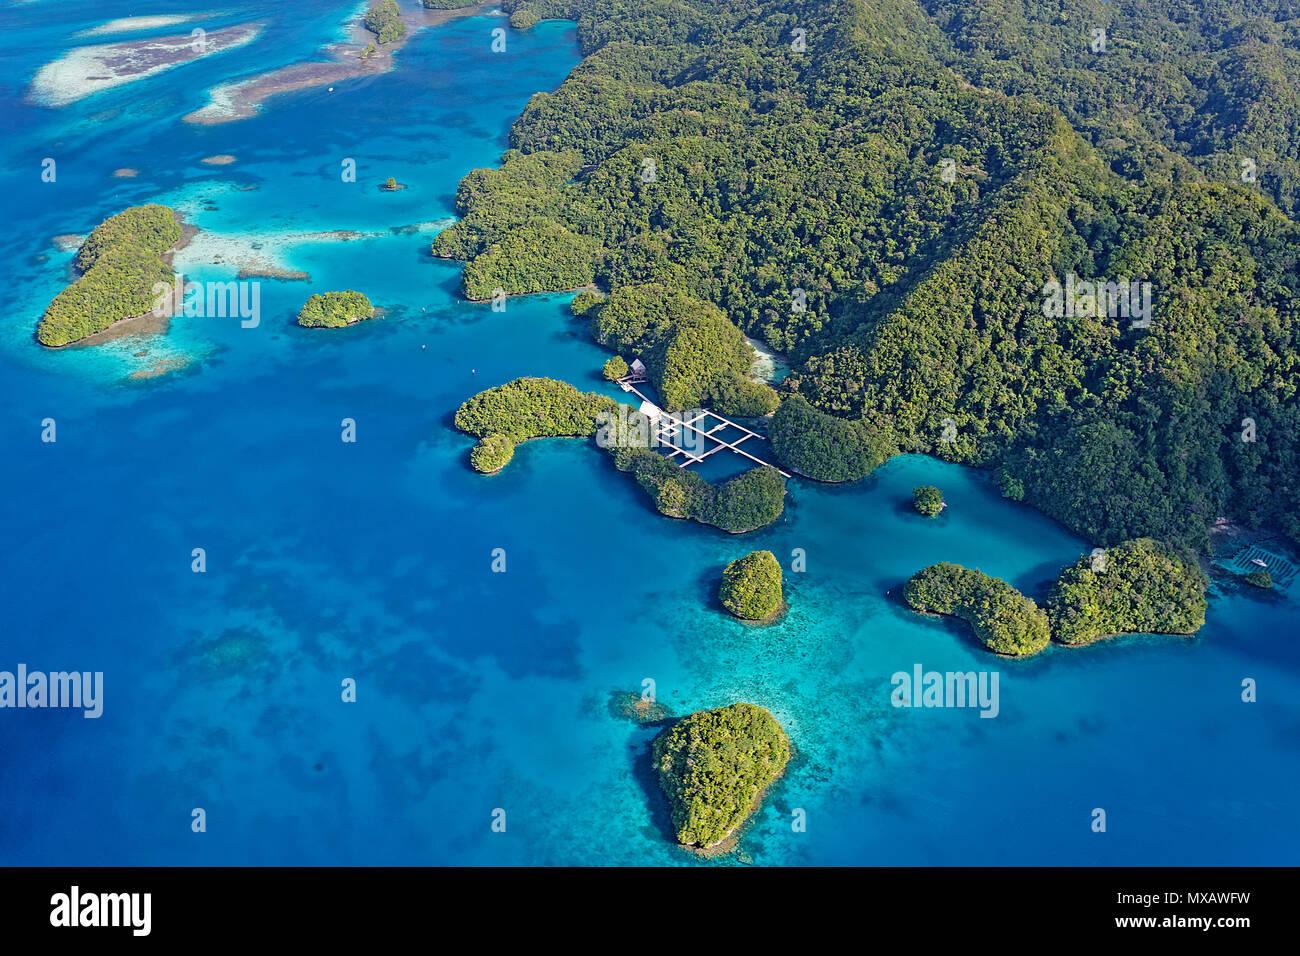 Luftaufnahme von Palau, Mikronesien, Asien | Aerial view of Palau, Micronesia, Asia - Stock Image